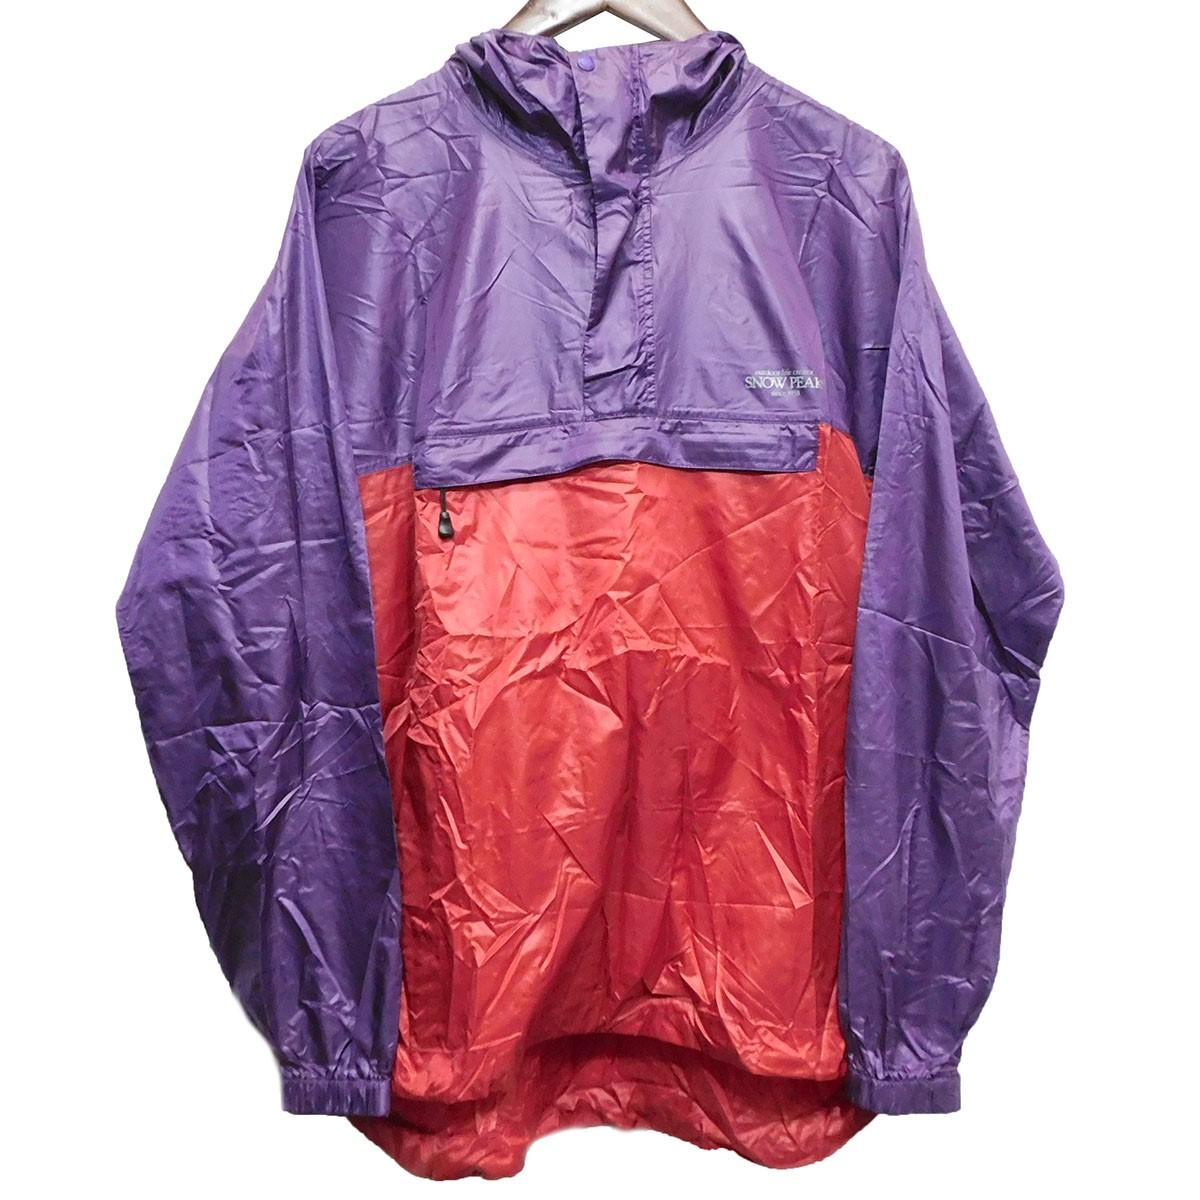 【中古】Snowpeakナイロンジャケット レッド×パープル サイズ:M 【5月11日見直し】